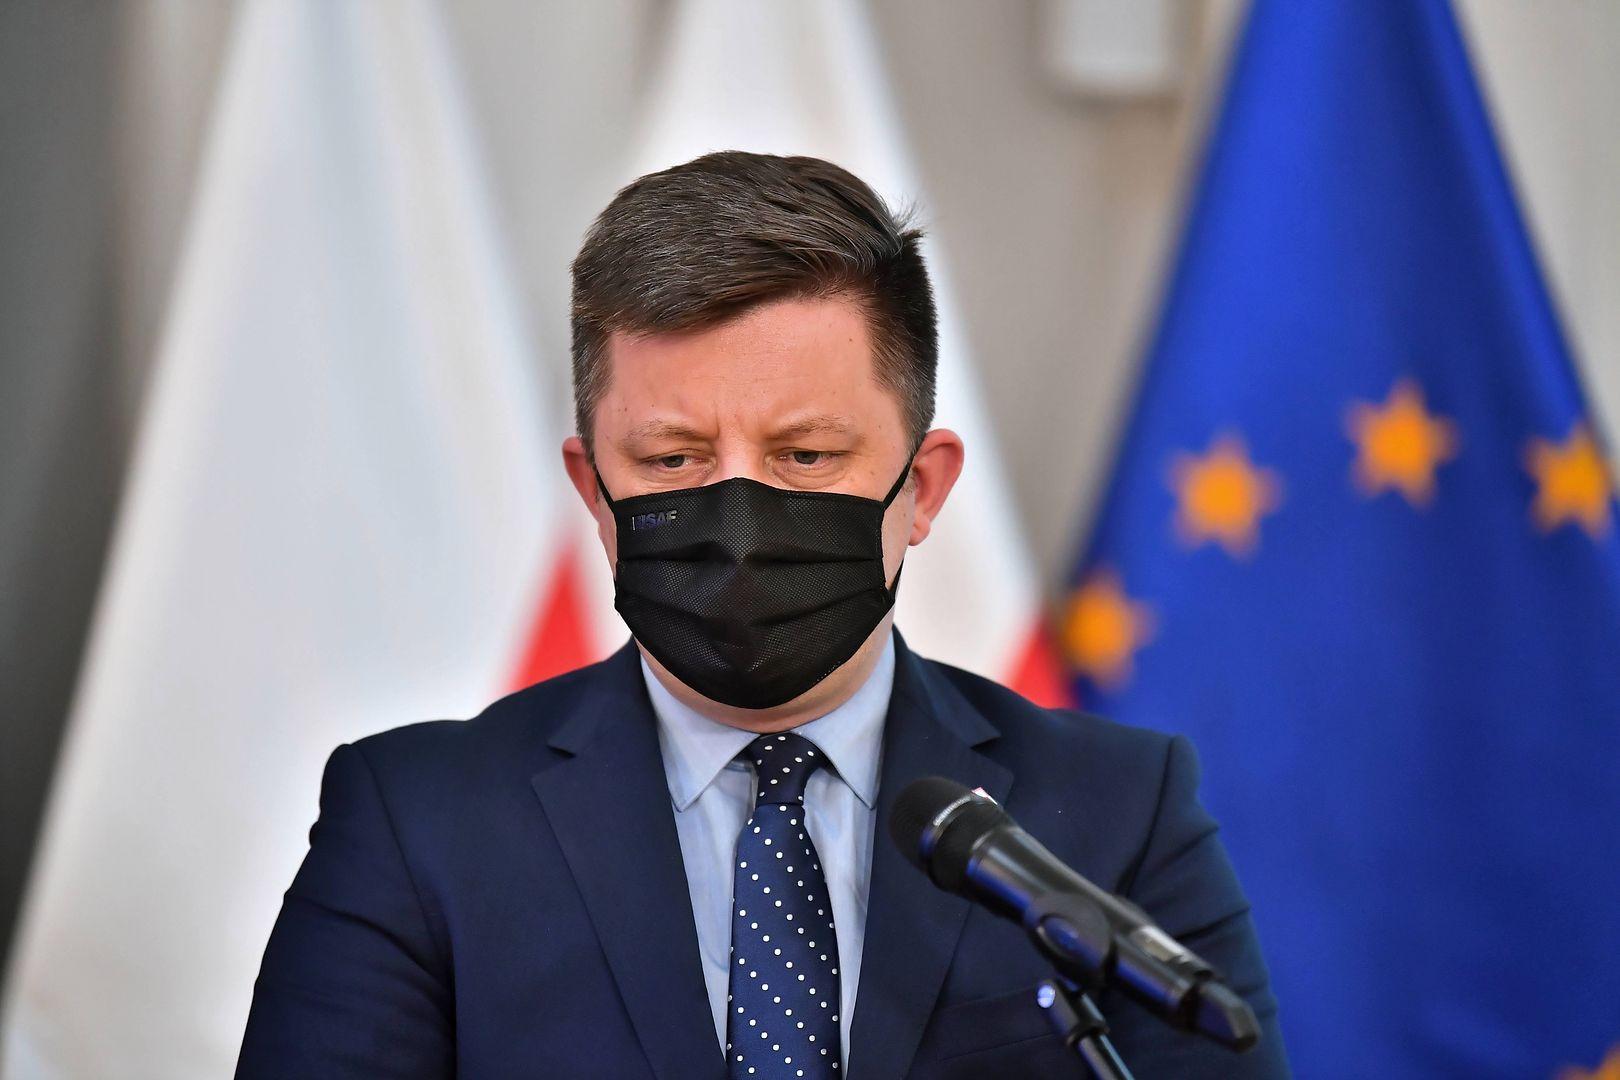 Afera mailowa. Katarzyna Lubnauer ostro o Michale Dworczyku: zdrada państwa, powinien zapłacić funkcją